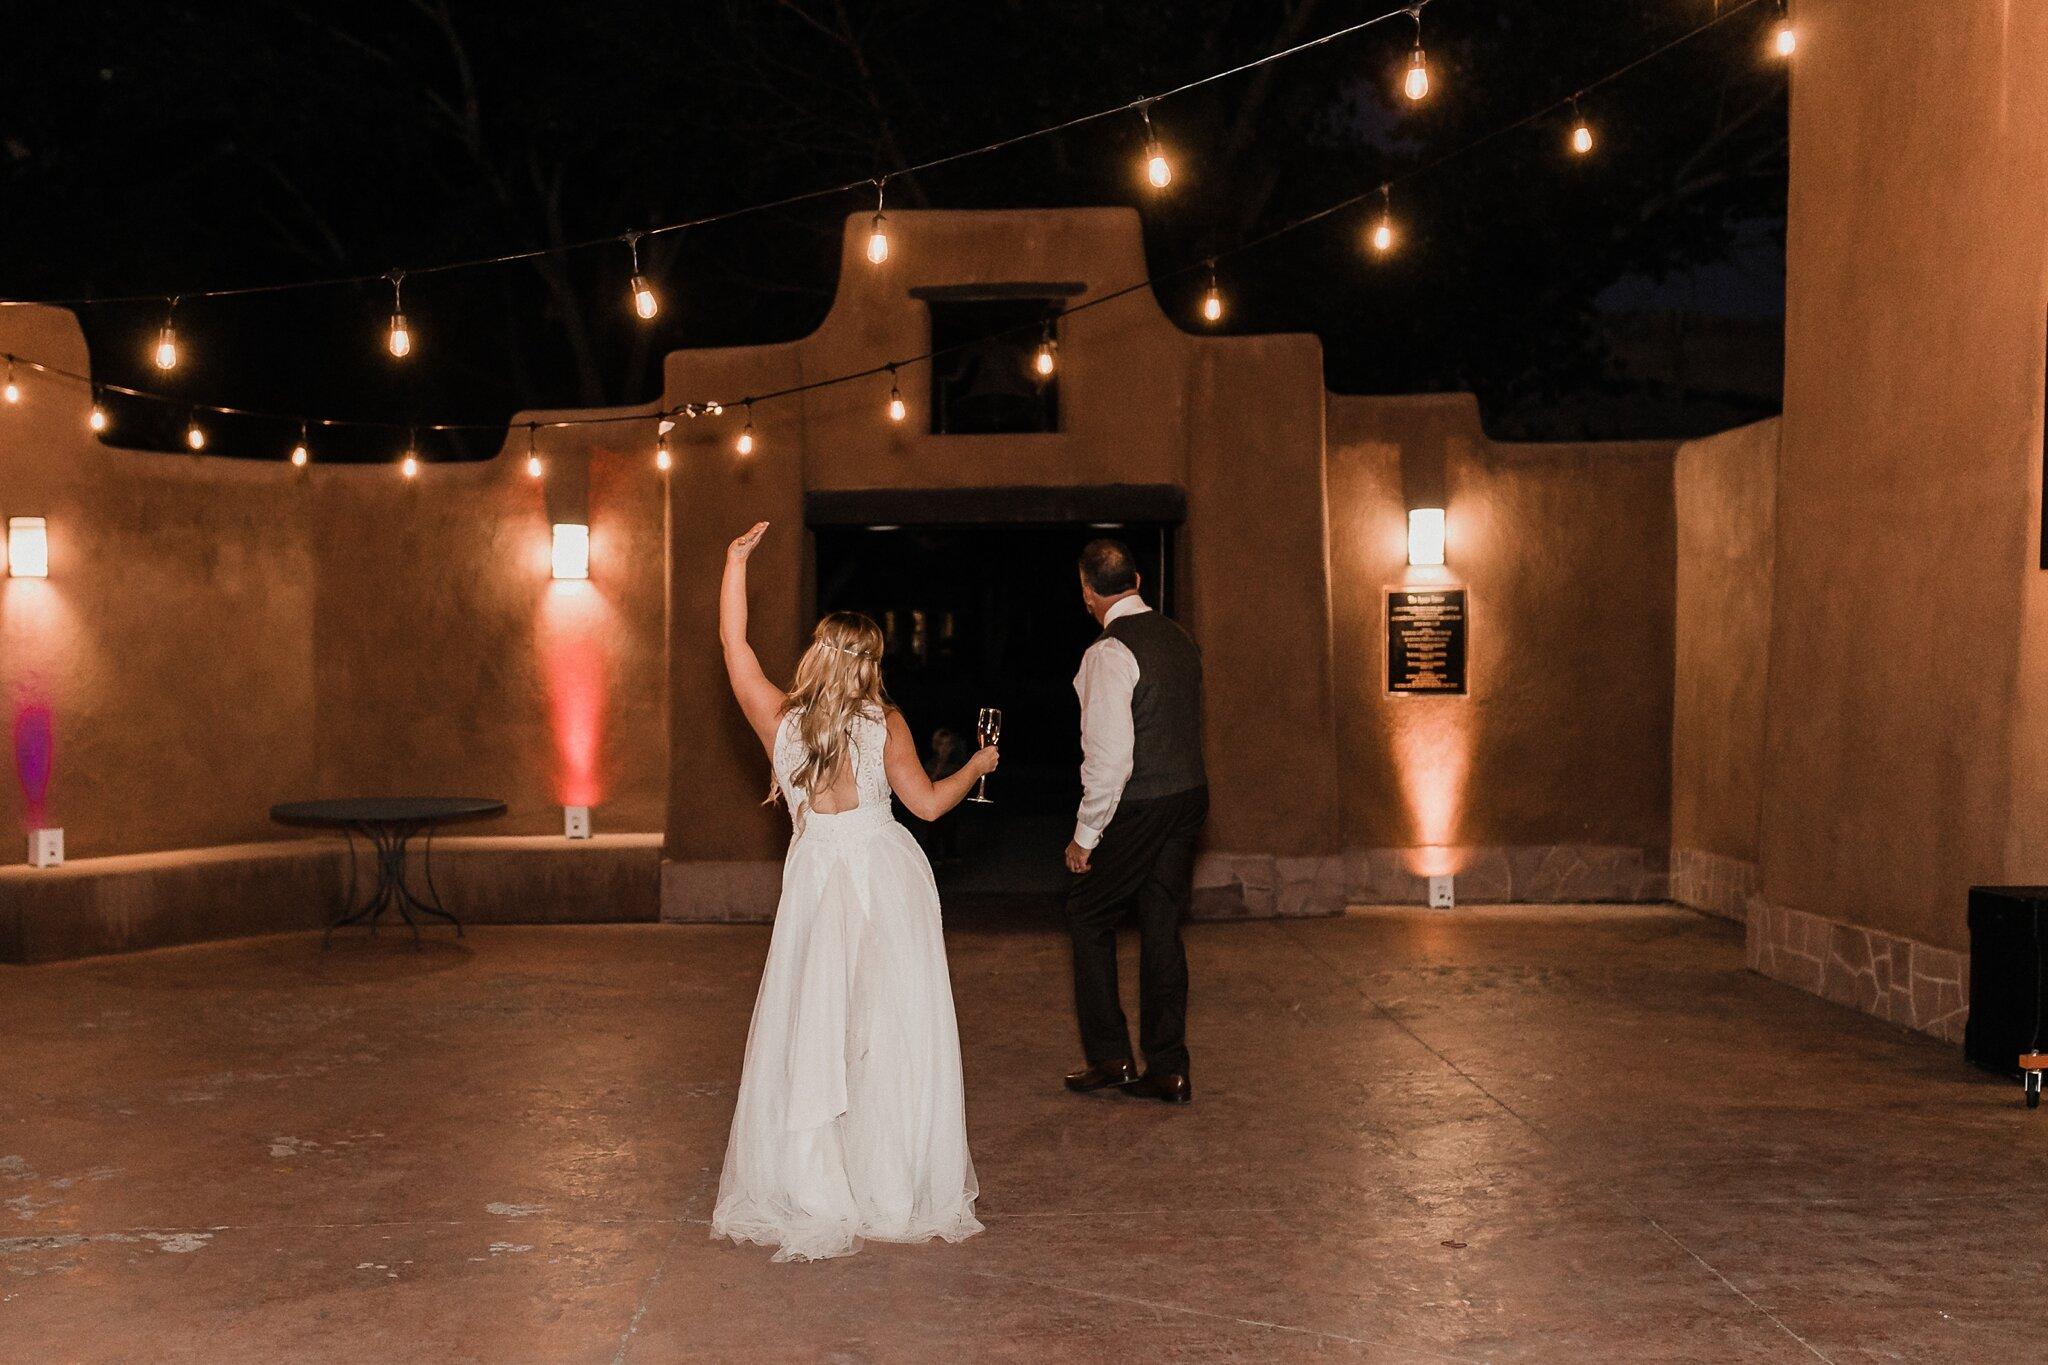 Alicia+lucia+photography+-+albuquerque+wedding+photographer+-+santa+fe+wedding+photography+-+new+mexico+wedding+photographer+-+new+mexico+wedding+-+wedding+-+santa+fe+wedding+-+ghost+ranch+-+ghost+ranch+wedding+-+fall+wedding_0096.jpg